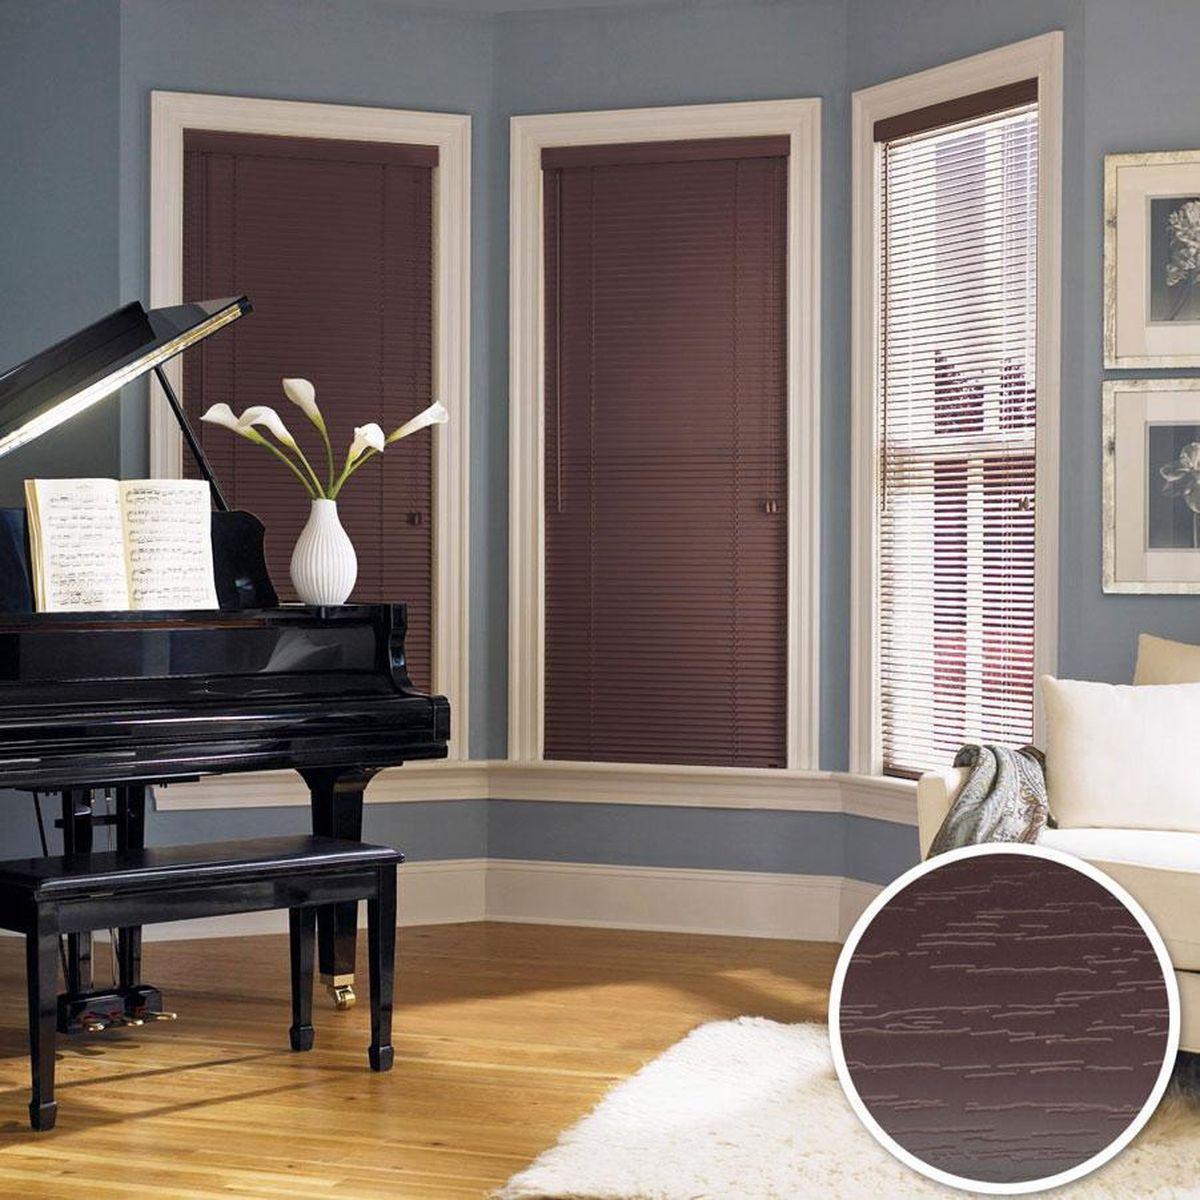 Жалюзи Эскар, цвет: темный кофе, ширина 60 см, высота 160 см61211060160Для того чтобы придать интерьеру изюминку и завершенность, нет ничего лучше, чем использовать жалюзи на окнах квартиры, дома или офиса. С их помощью можно подчеркнуть индивидуальный вкус, а также стилевое оформление помещения. Помимо декоративных функций, жалюзи выполняют и практические задачи: они защищают от излишнего солнечного света, не дают помещению нагреваться, а также создают уют в темное время суток.Пластиковые жалюзи - самое универсальное и недорогое решение для любого помещения. Купить их может каждый, а широкий выбор размеров под самые популярные габариты сделает покупку простой и удобной. Пластиковые жалюзи имеют высокие эксплуатационные характеристики - они гигиеничны, что делает их незаменимыми при монтаже в детских и медицинских учреждениях.